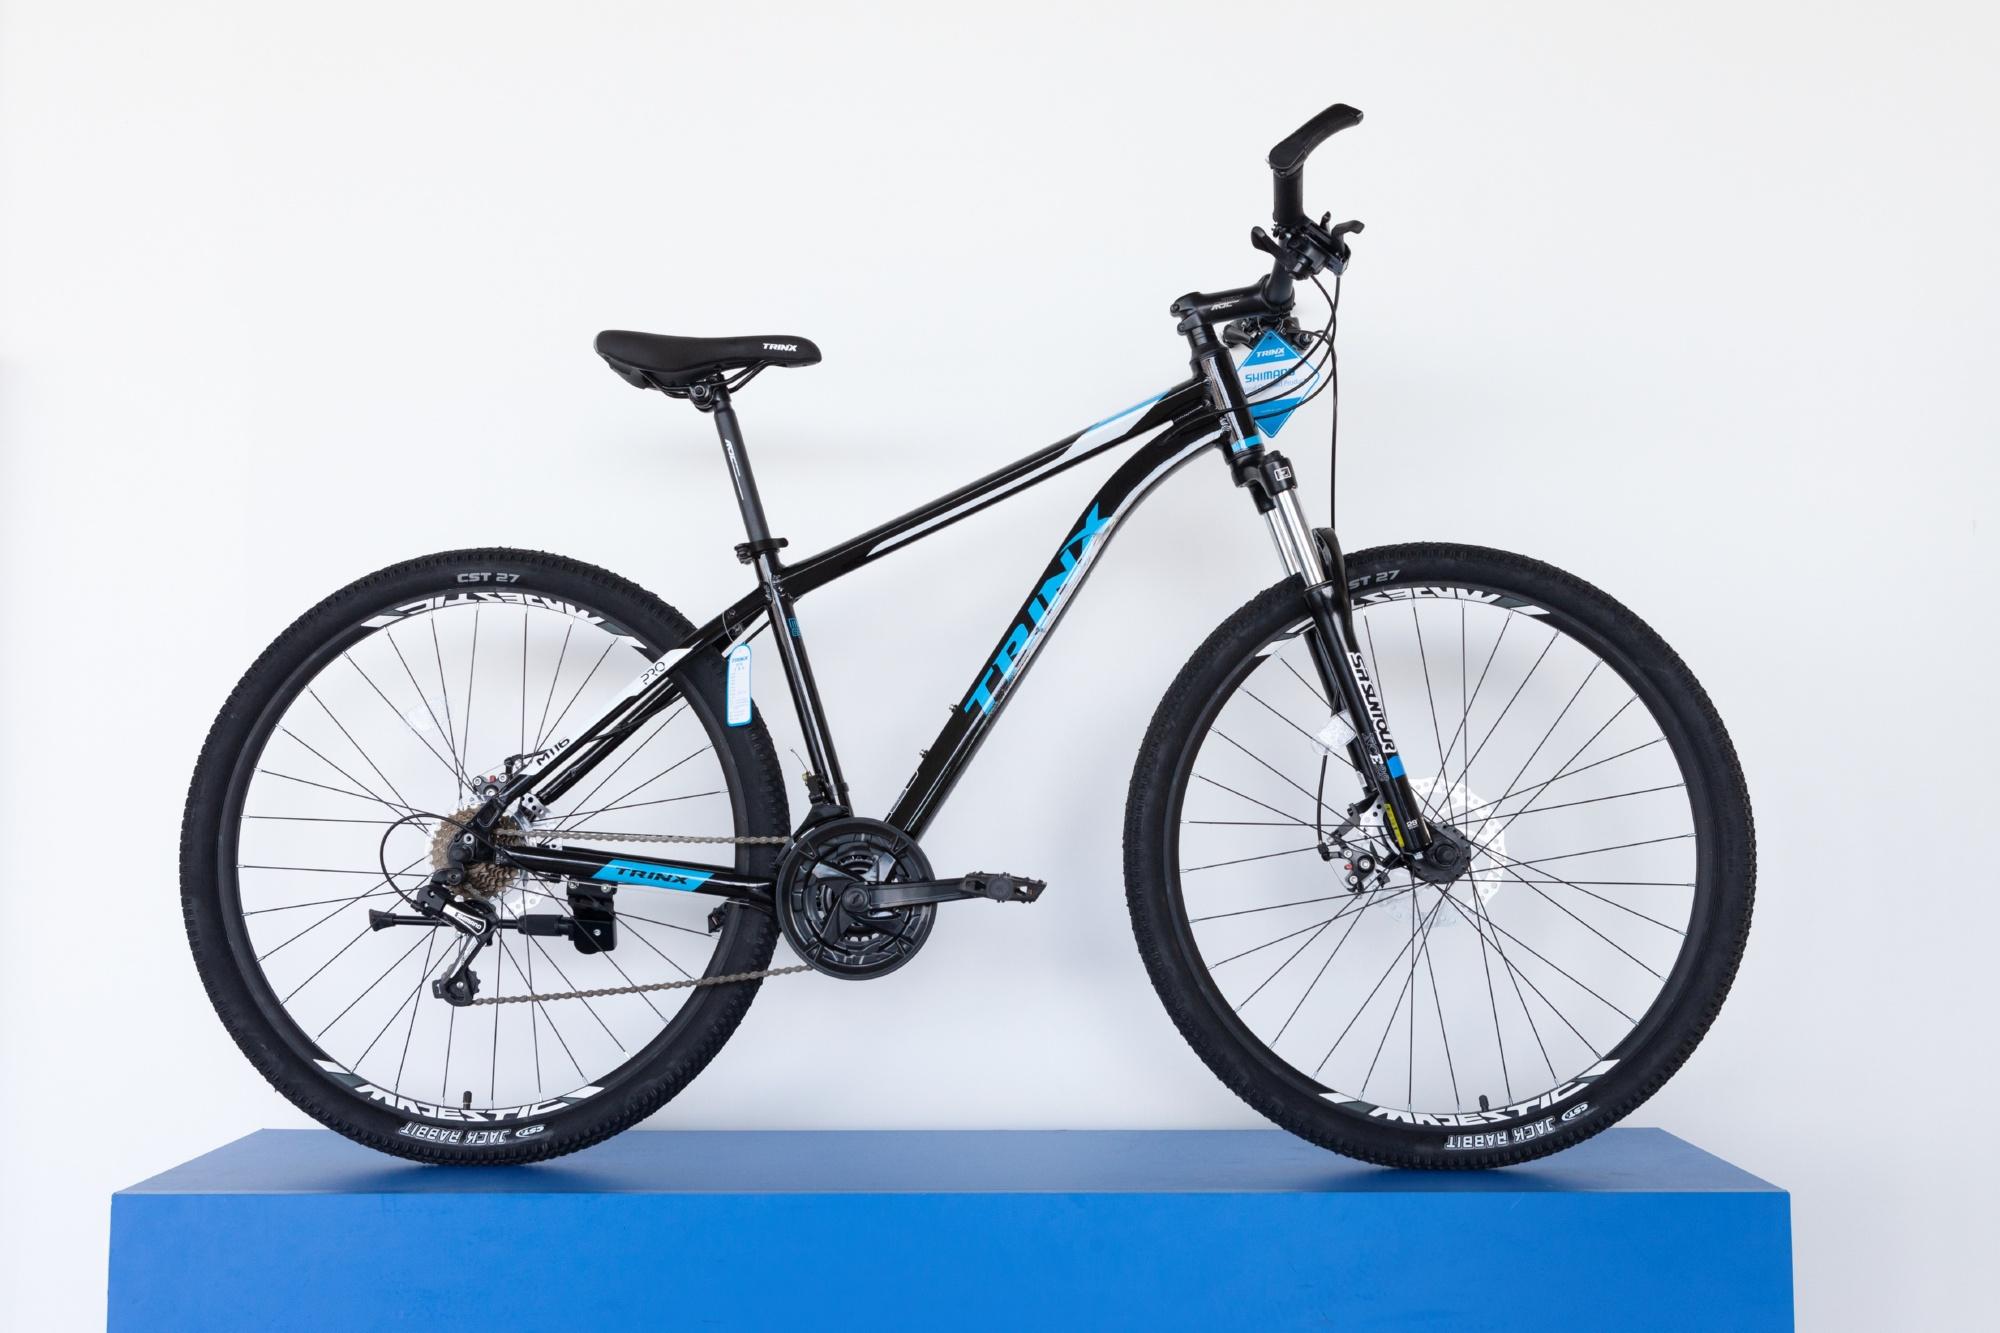 Trinx M116 PRO 2020